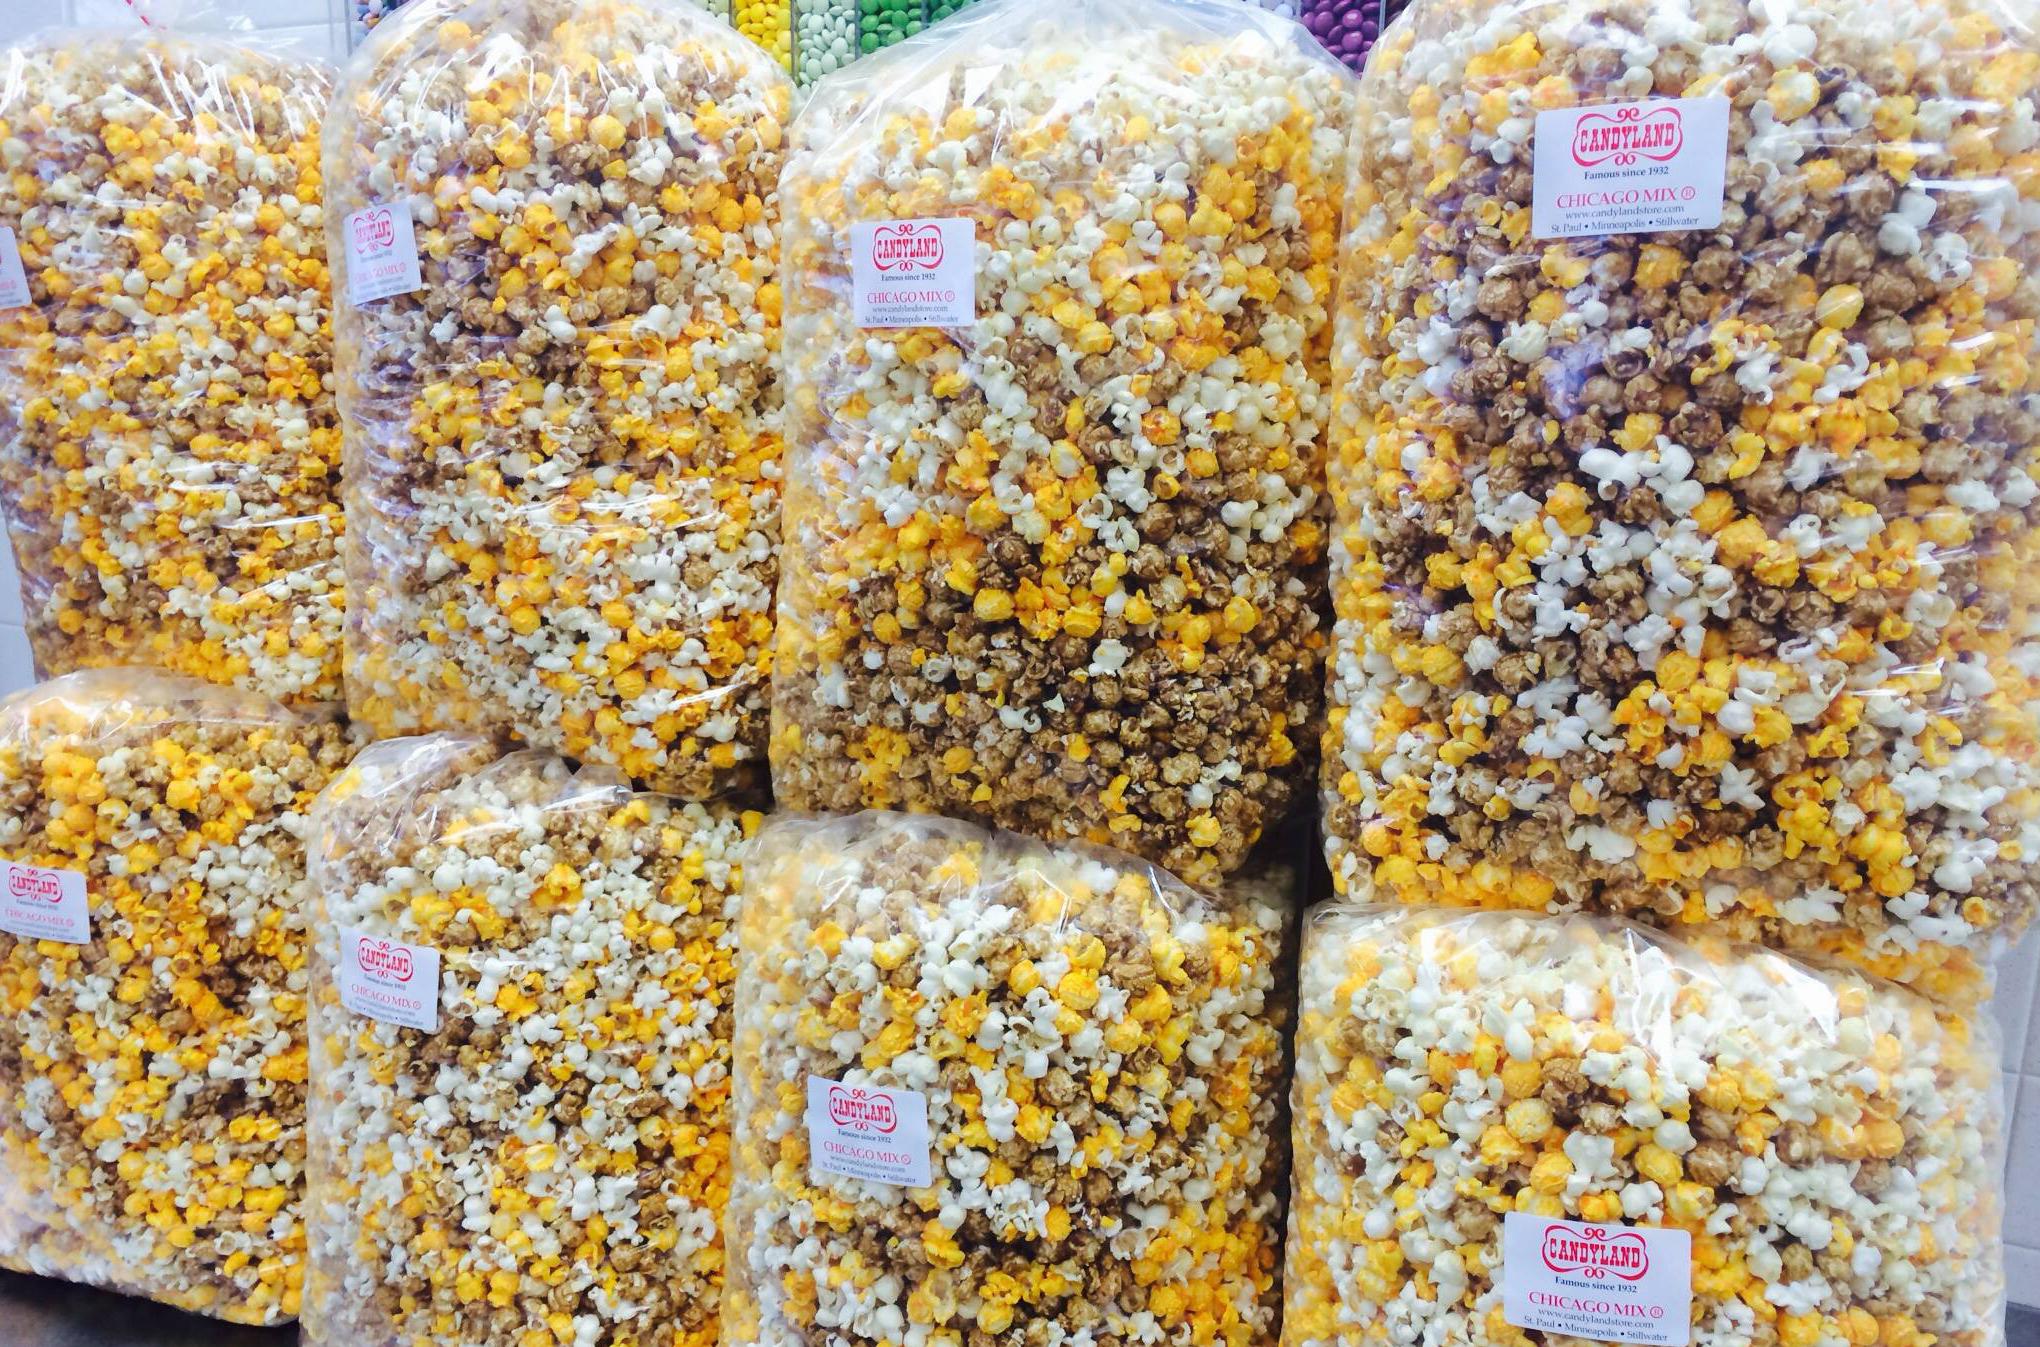 Candyland Saint Paul